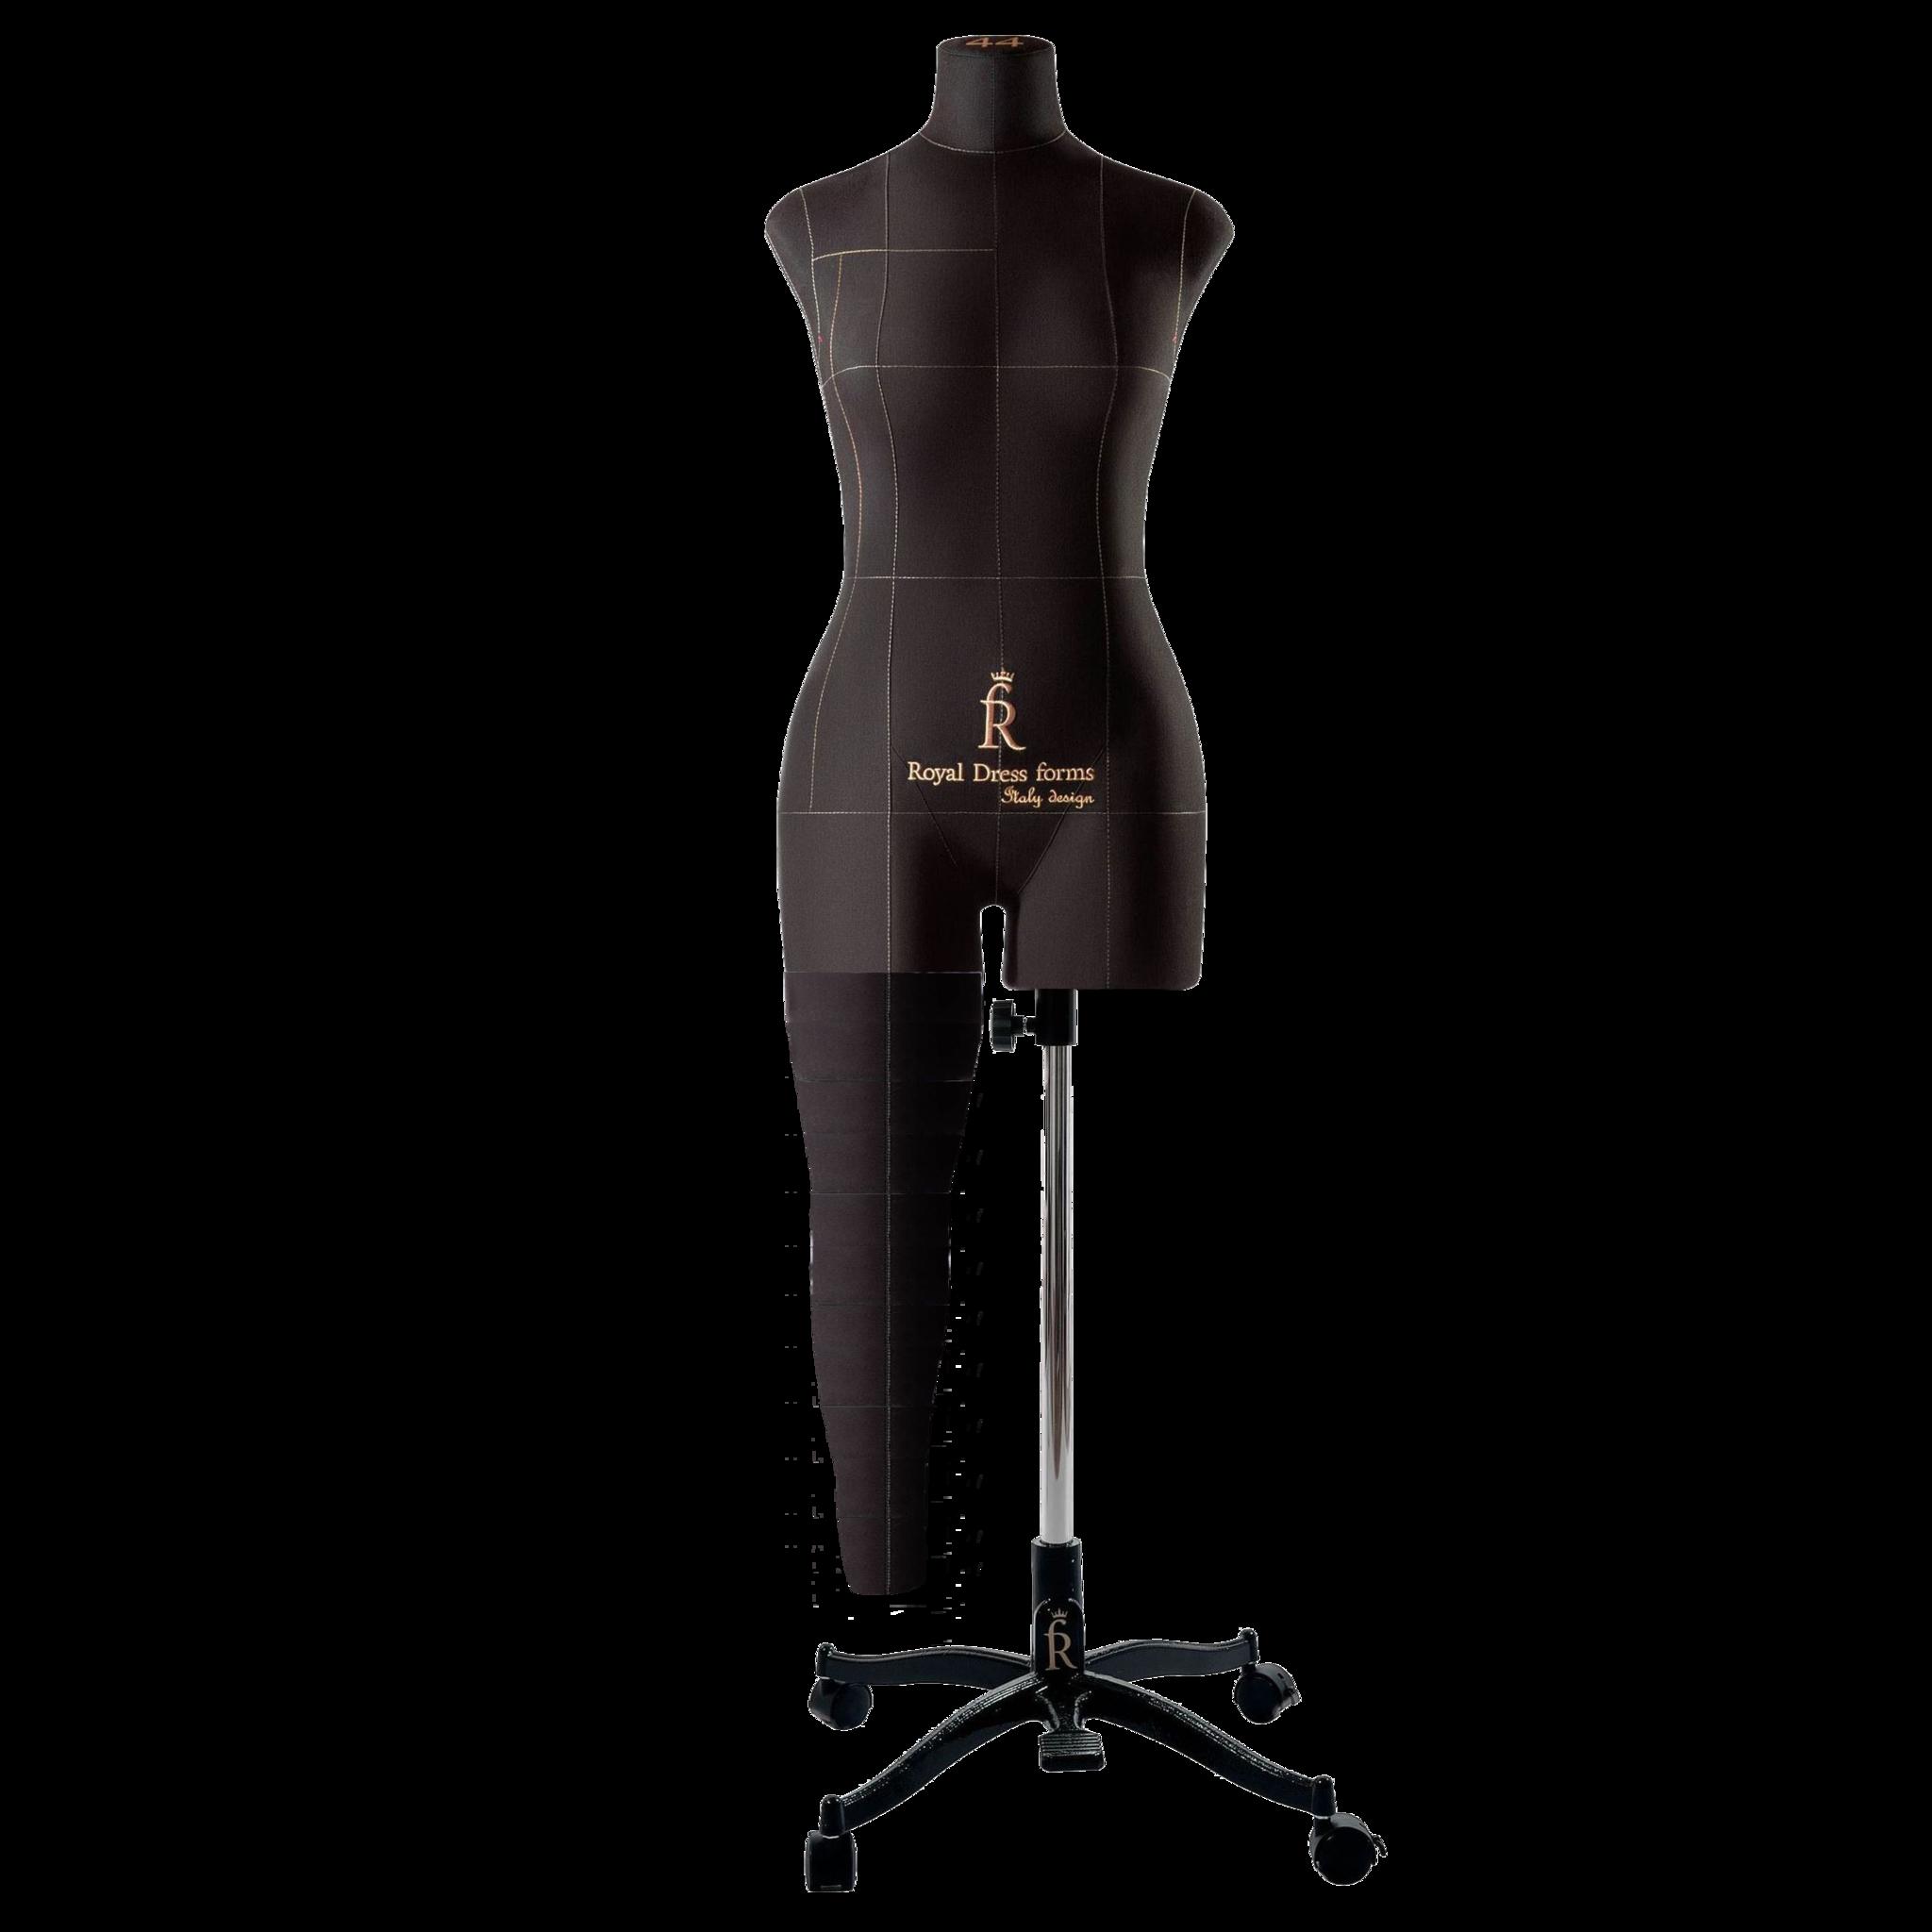 Нога для манекена Моника, размер 44 тип фигуры Песочные часы, Черная